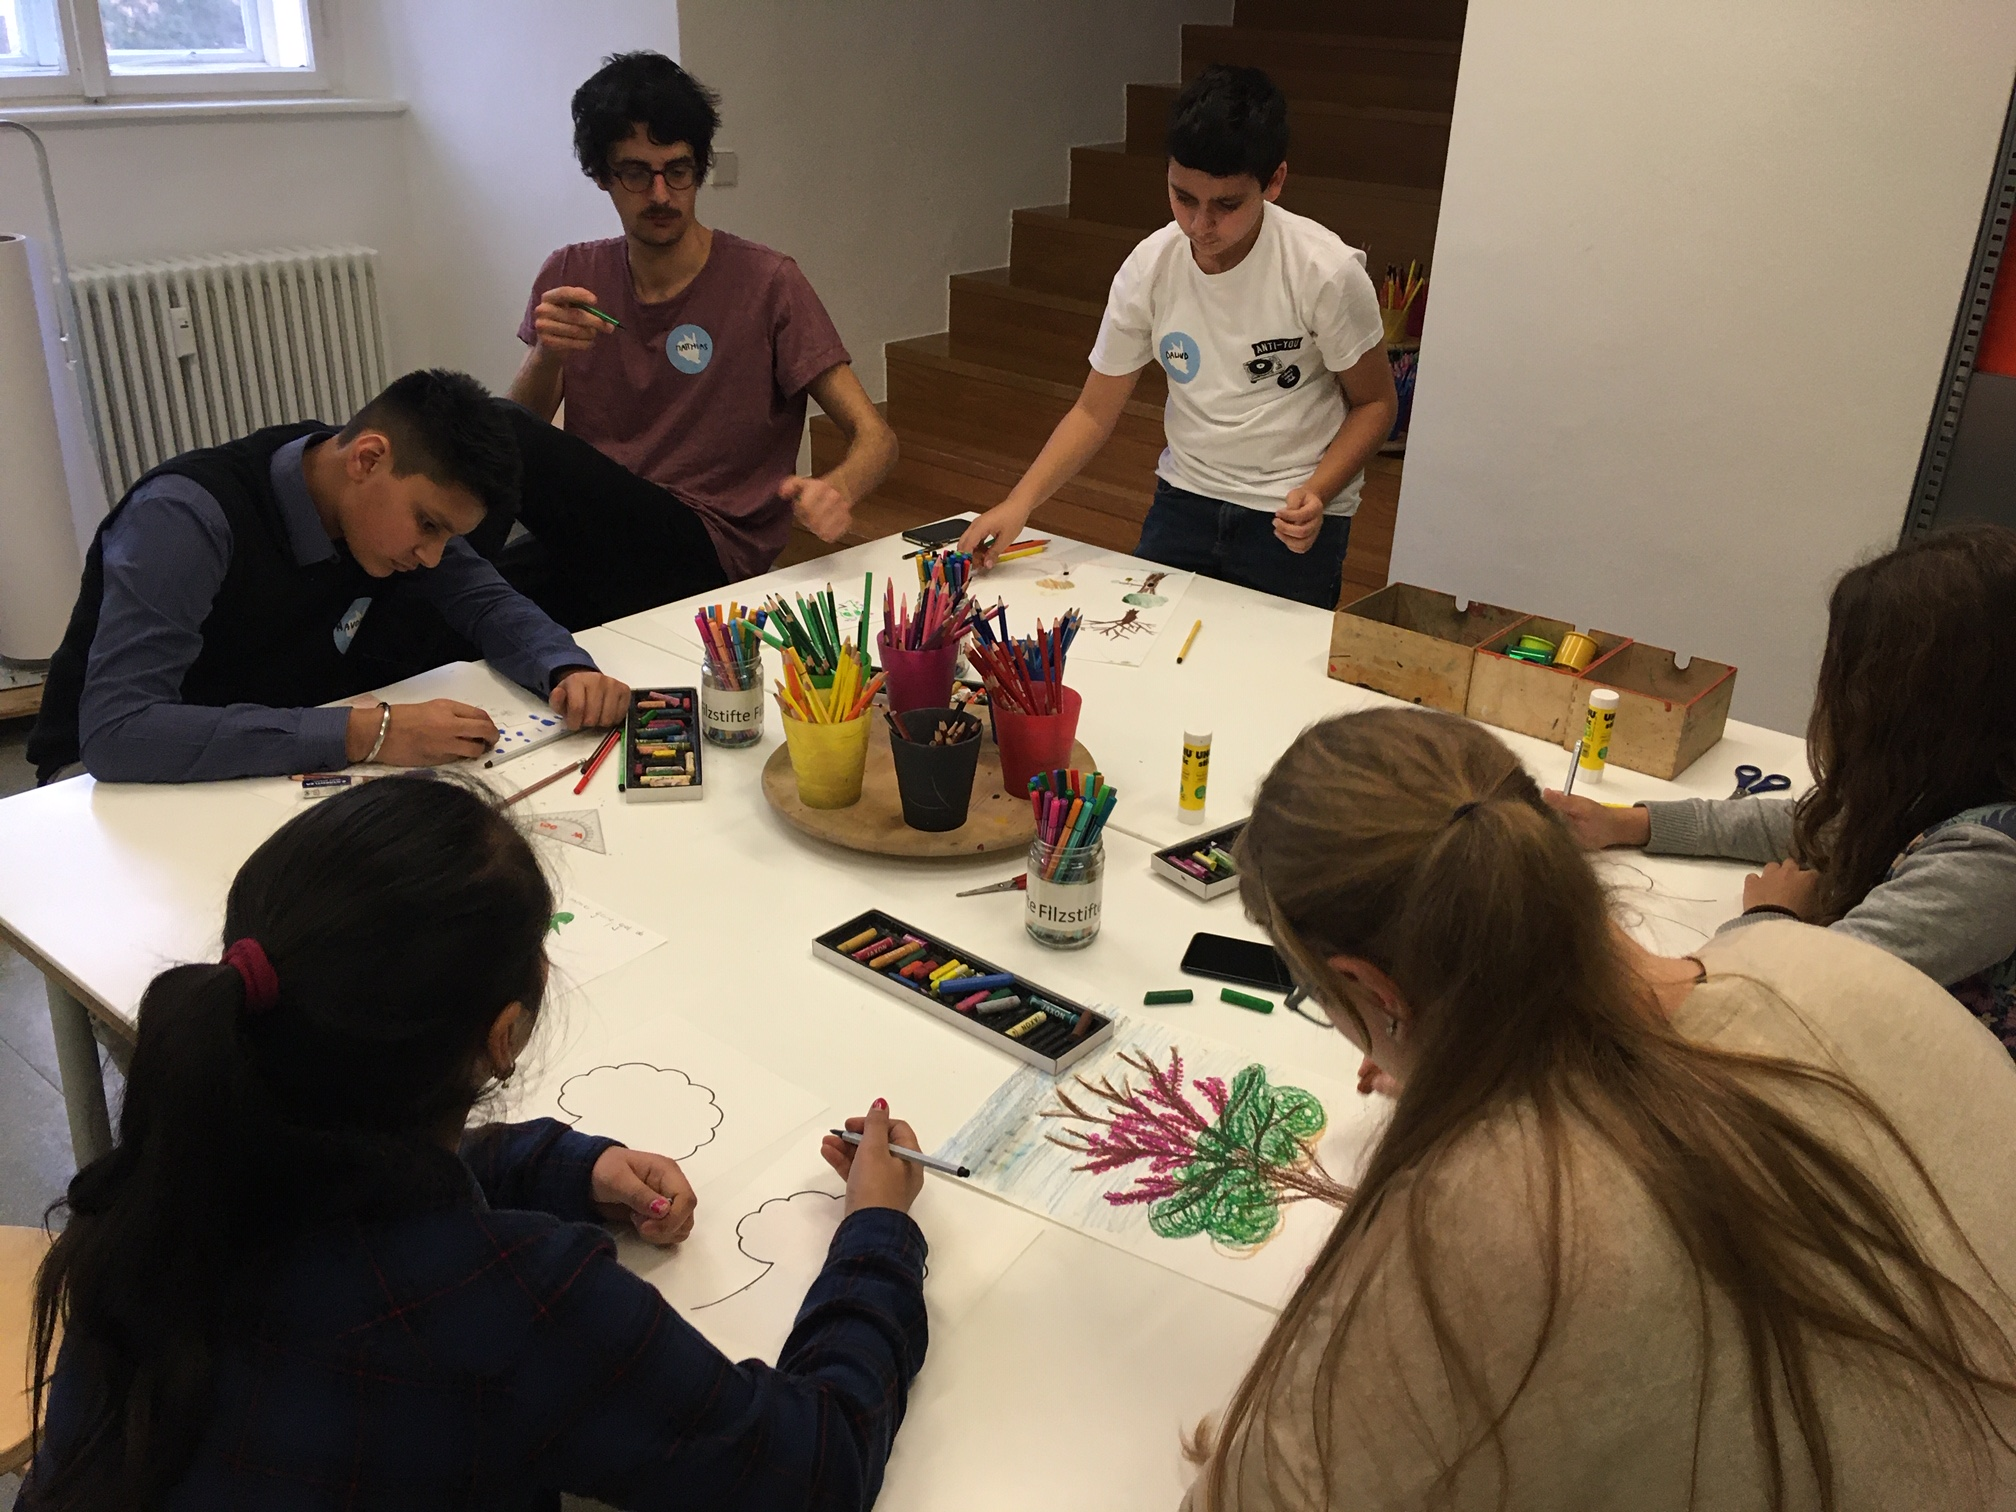 Atelier-Gruppe-zeichnet